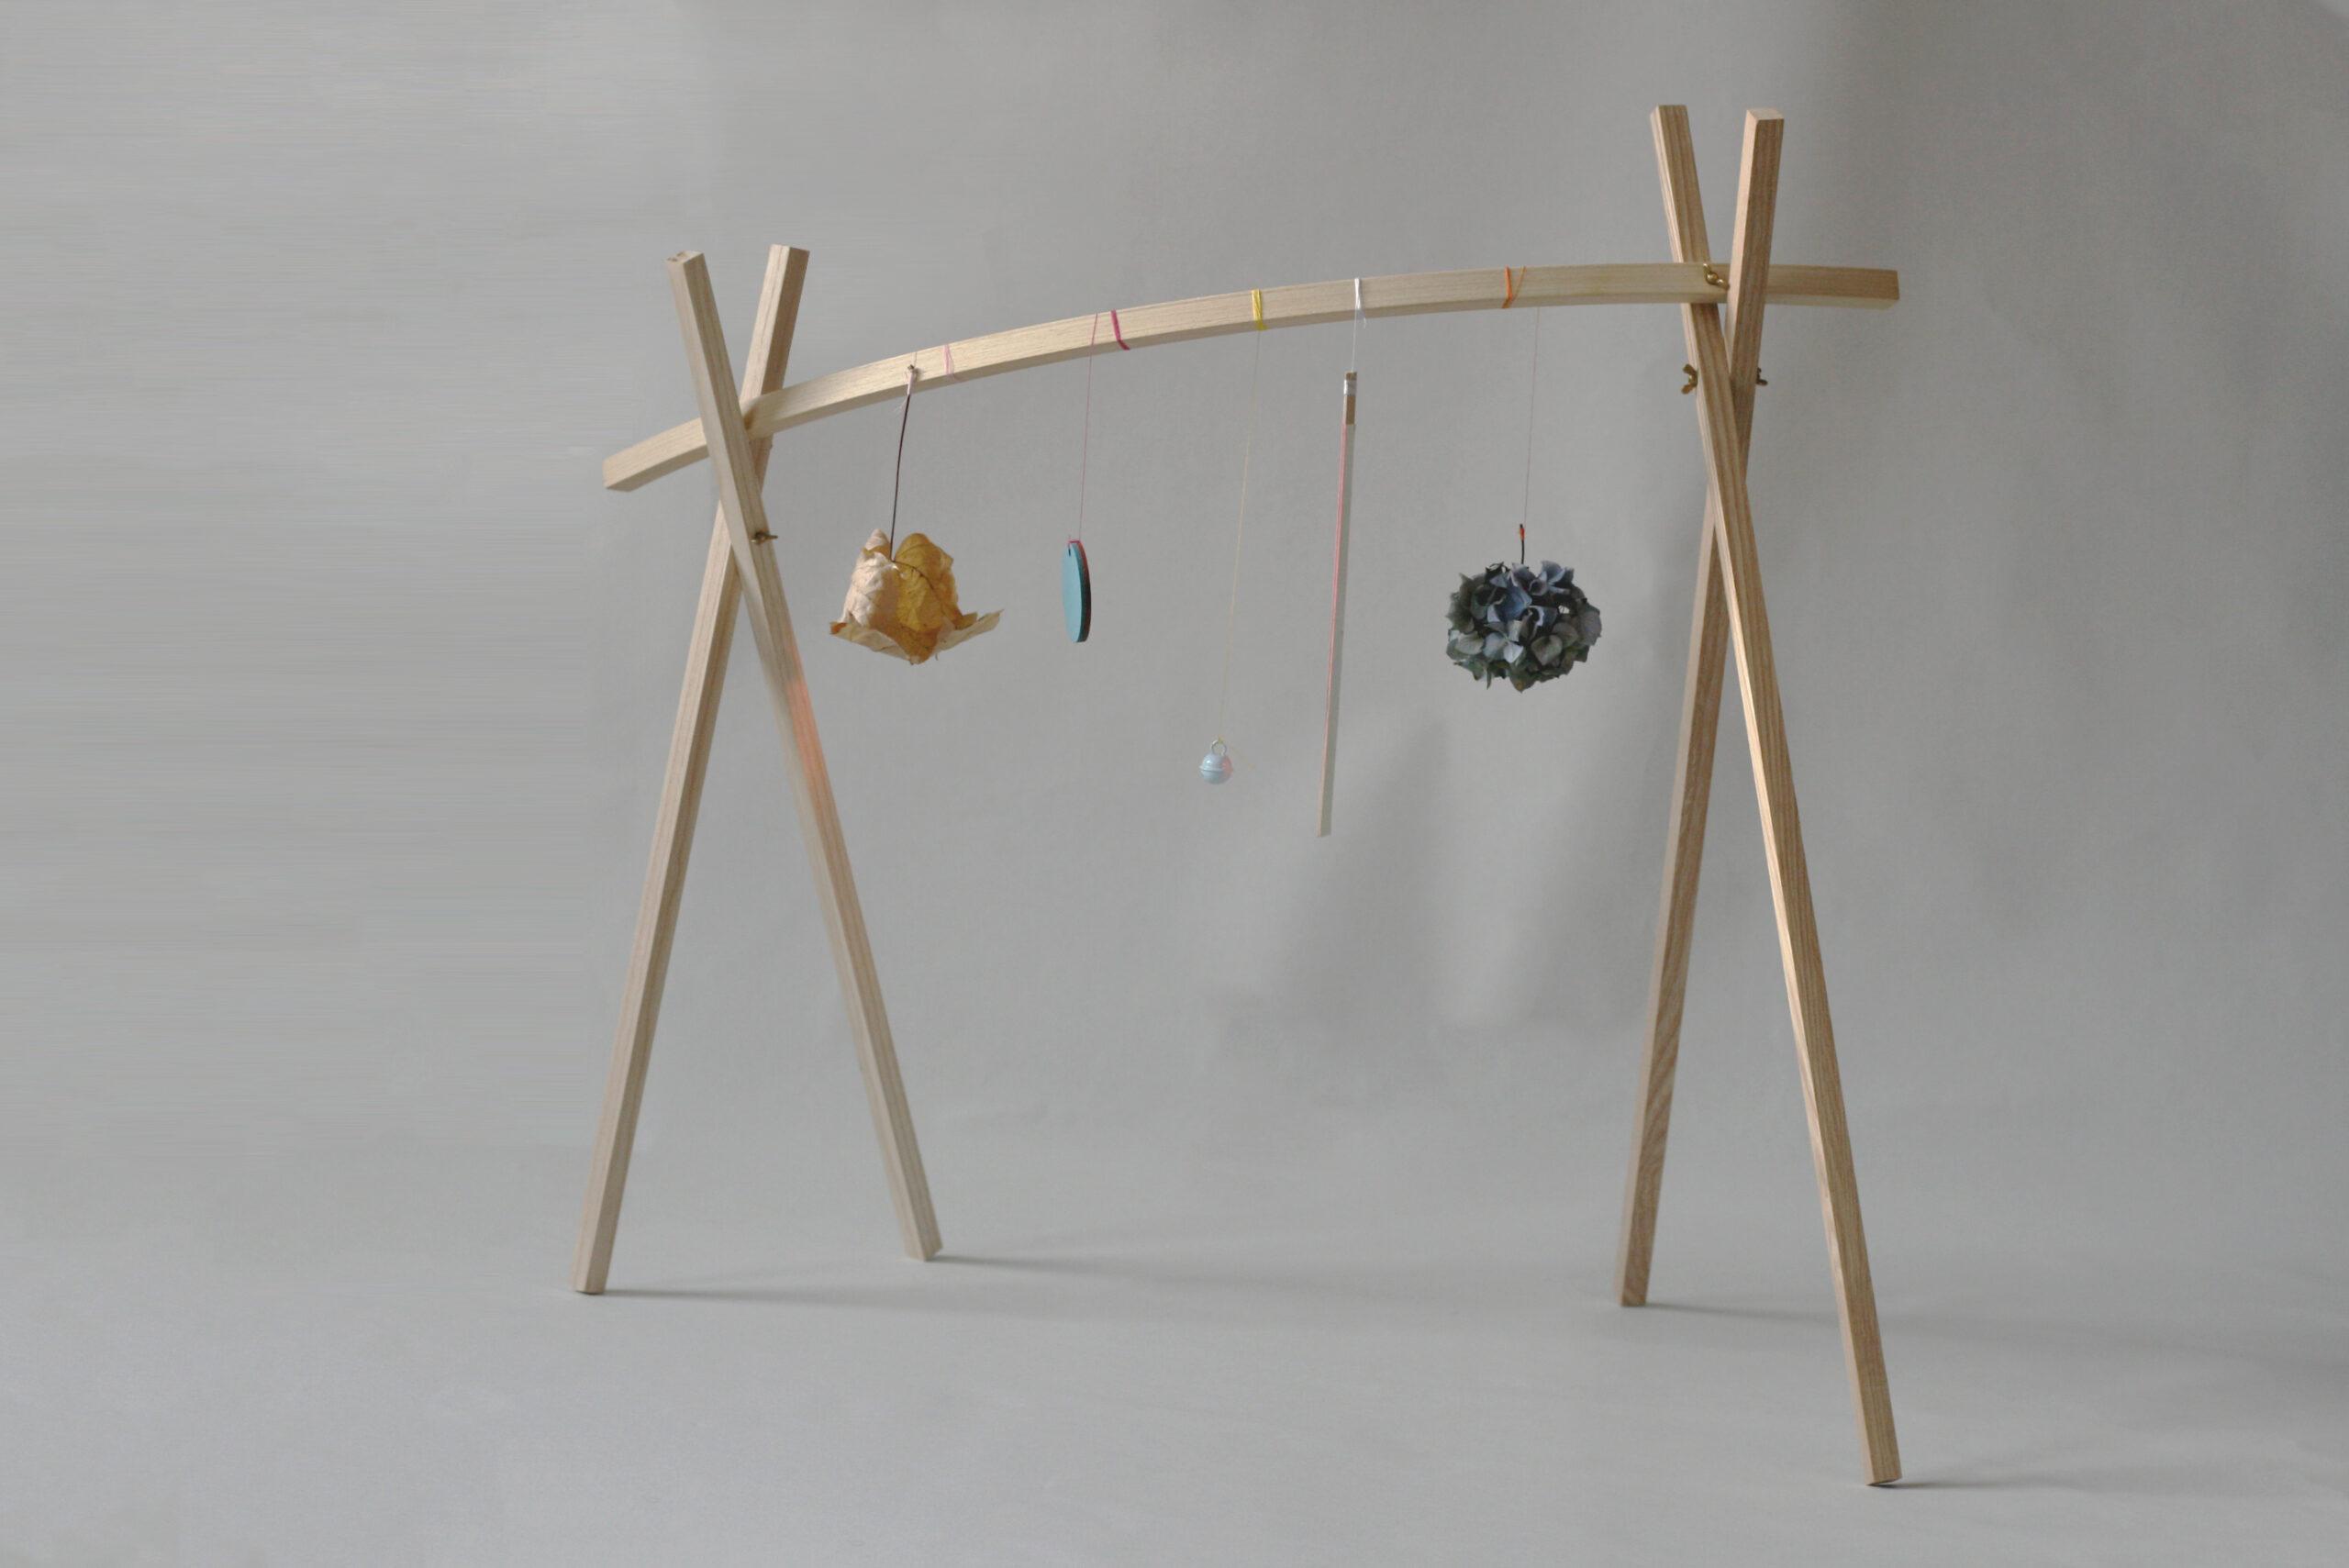 Sebastian Klawiter Kinderspielzeug Bugholz Holz Produkt Design